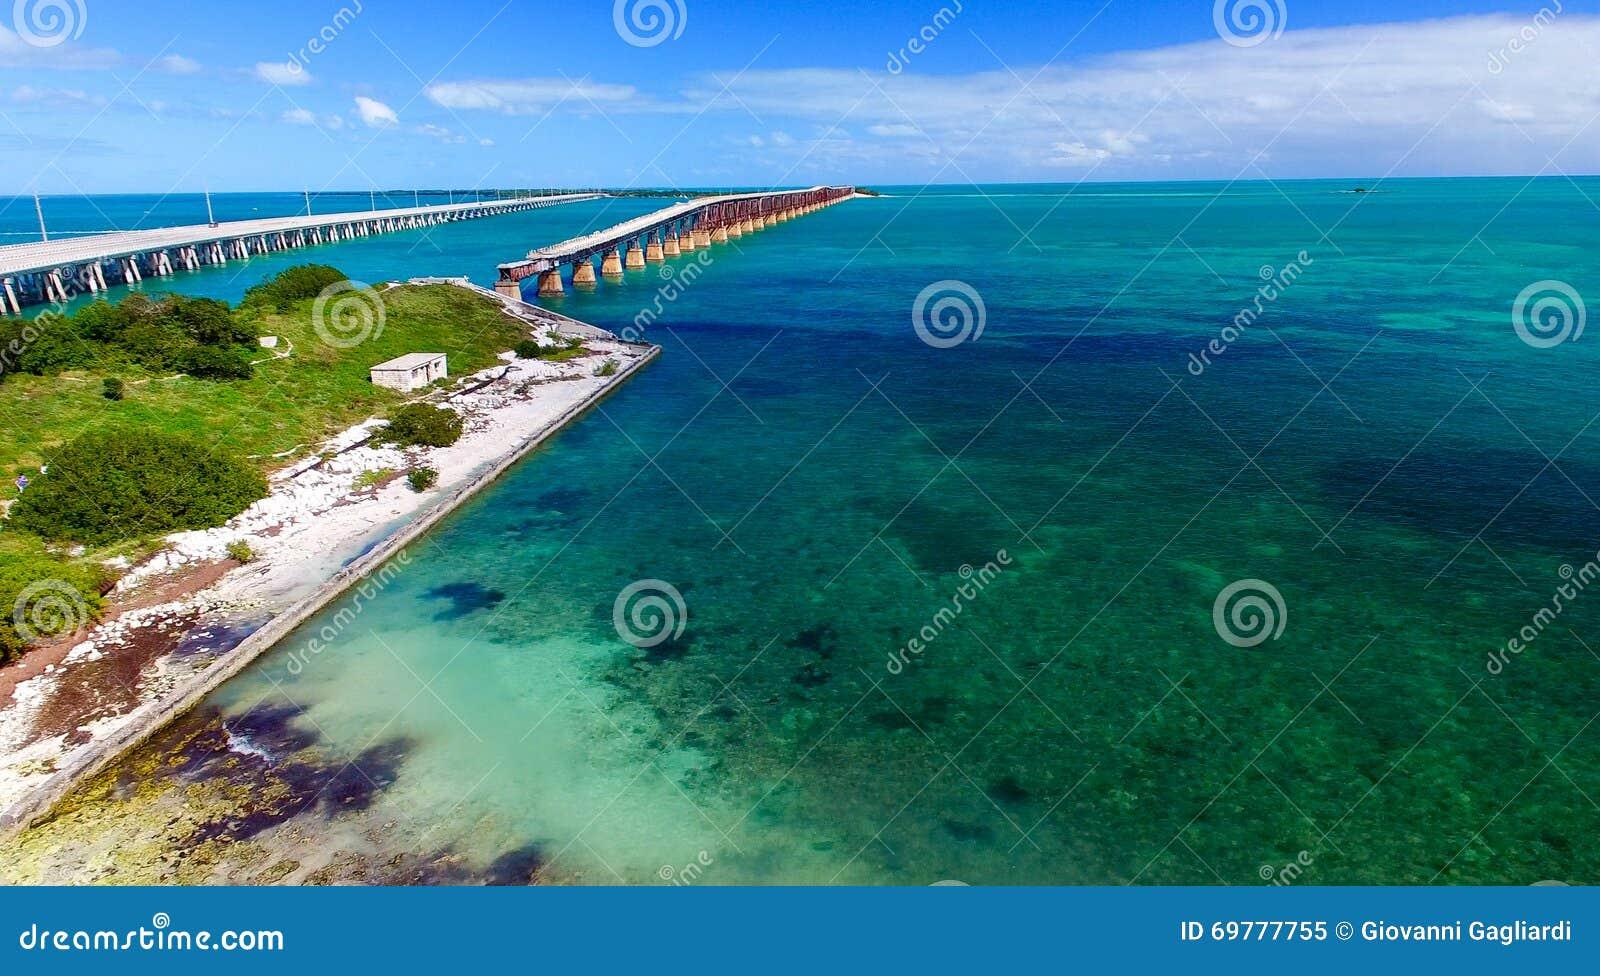 Vue aérienne de parc d état de Bahia Honda, la Floride